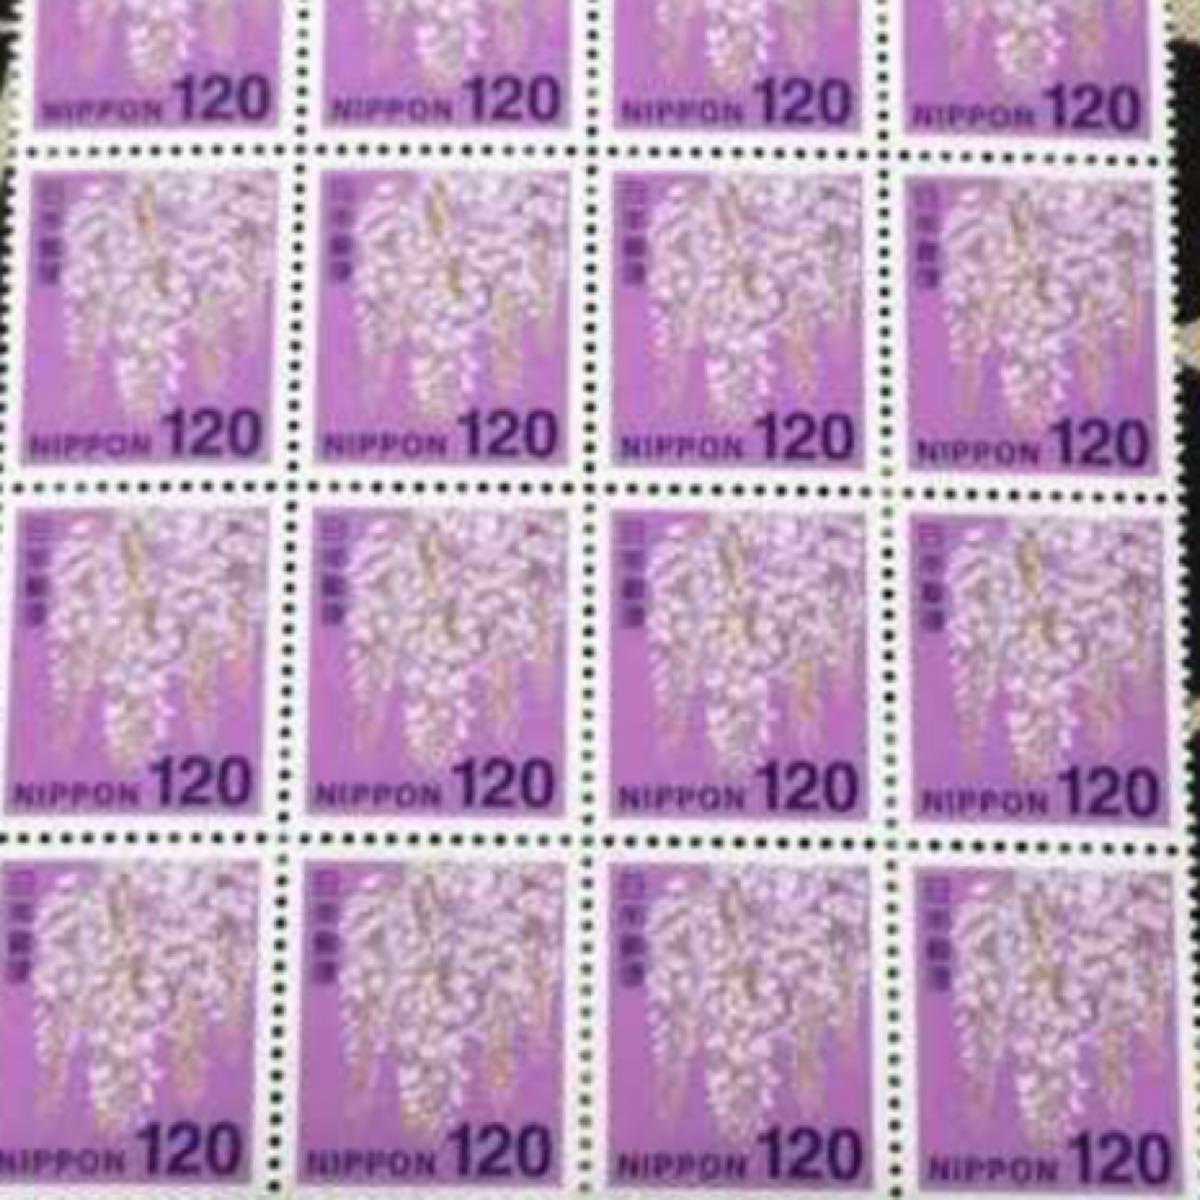 円 切手 120 82円切手・120円切手で送れる重さは何グラムまで?封筒のサイズや厚さを解説!